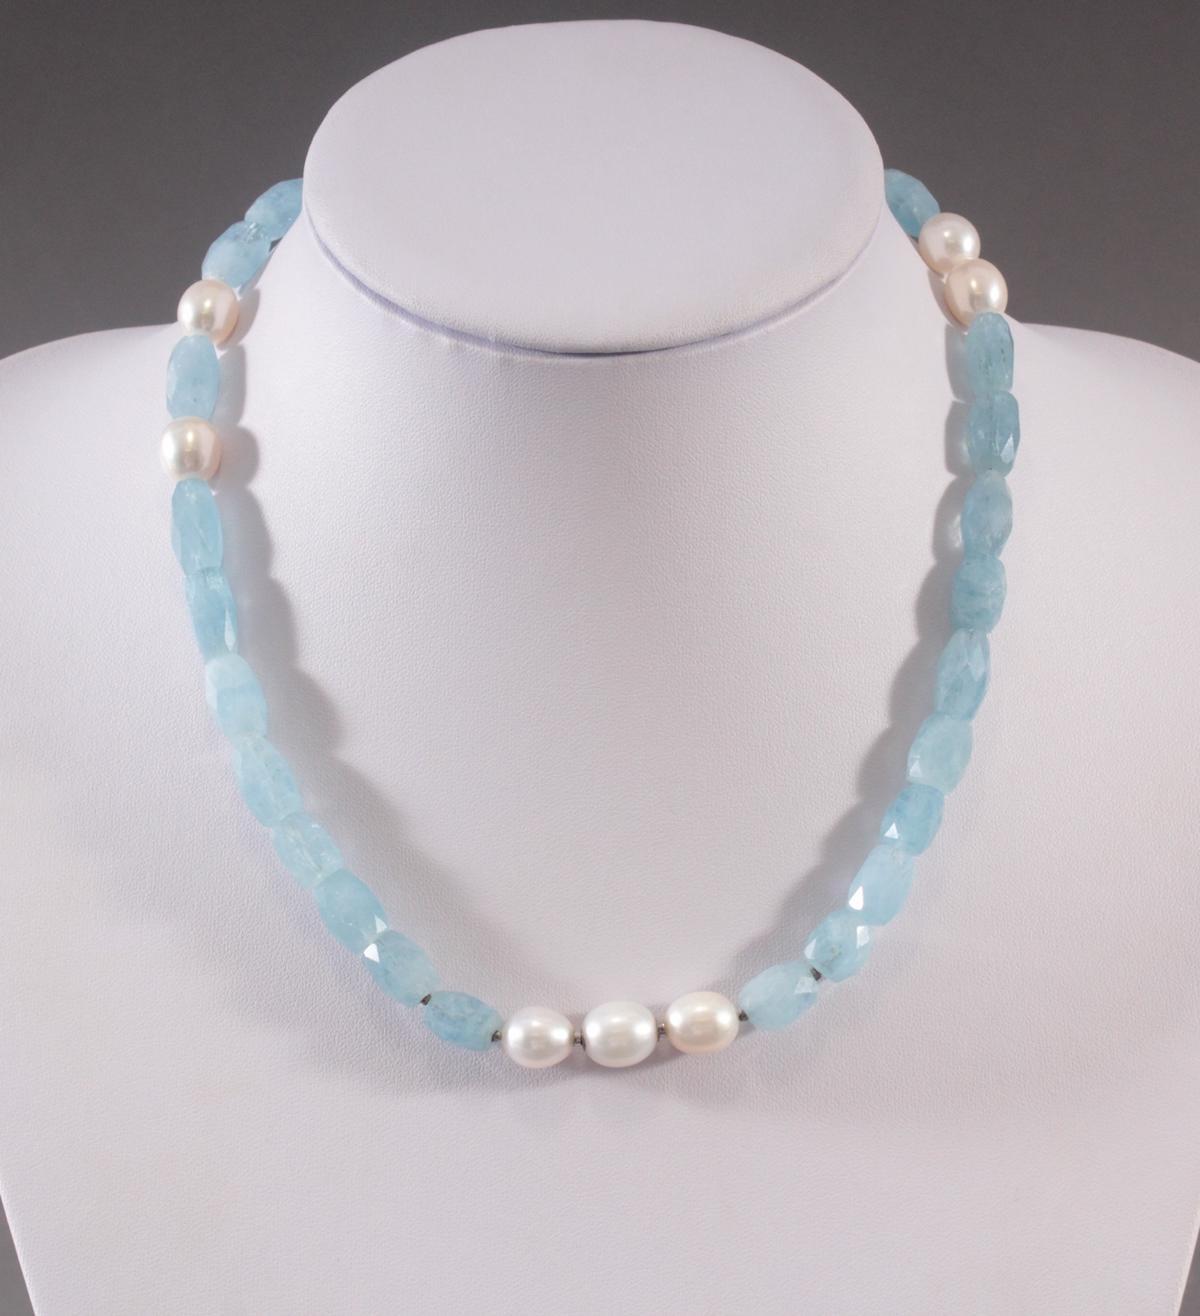 Halskette aus Aquamarinen und Perlen